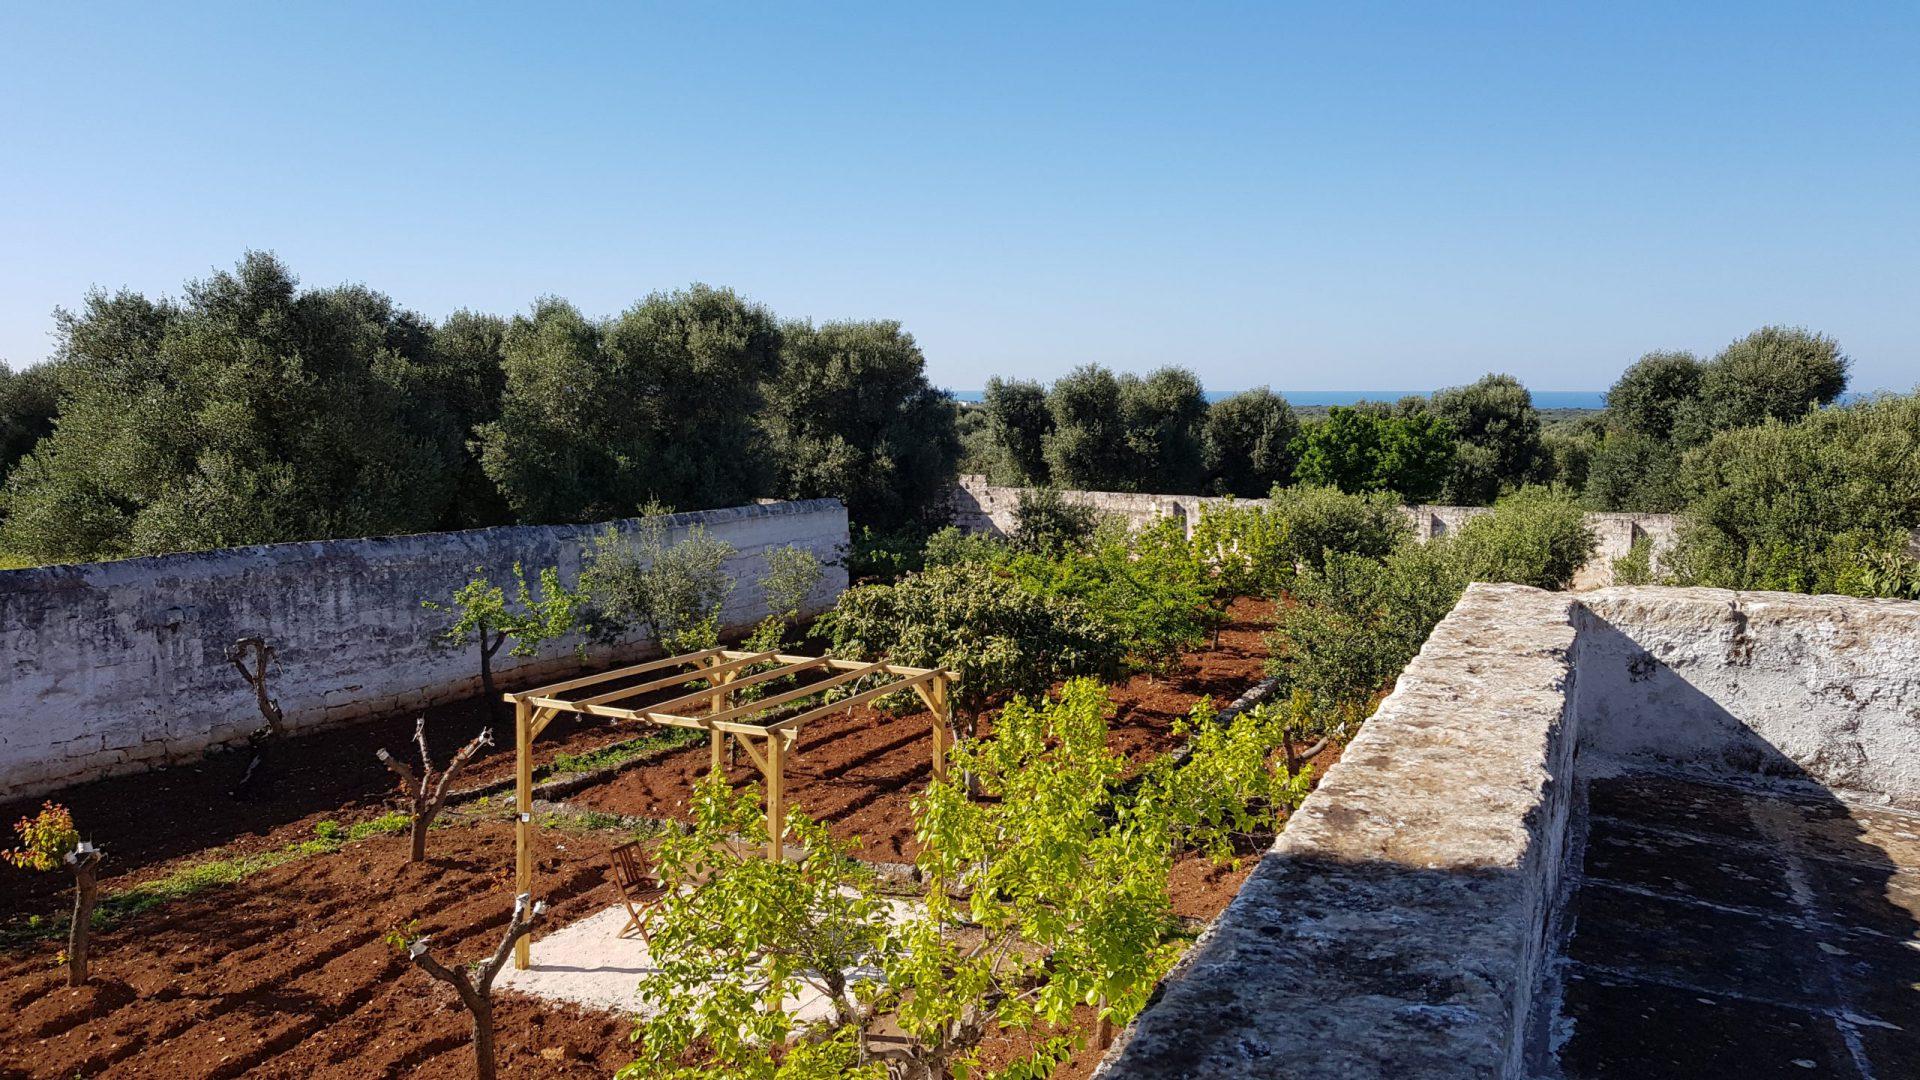 Garden and gazebo and sea view at Masseria Bellavista Ostuni Puglia holiday vacation rental villa